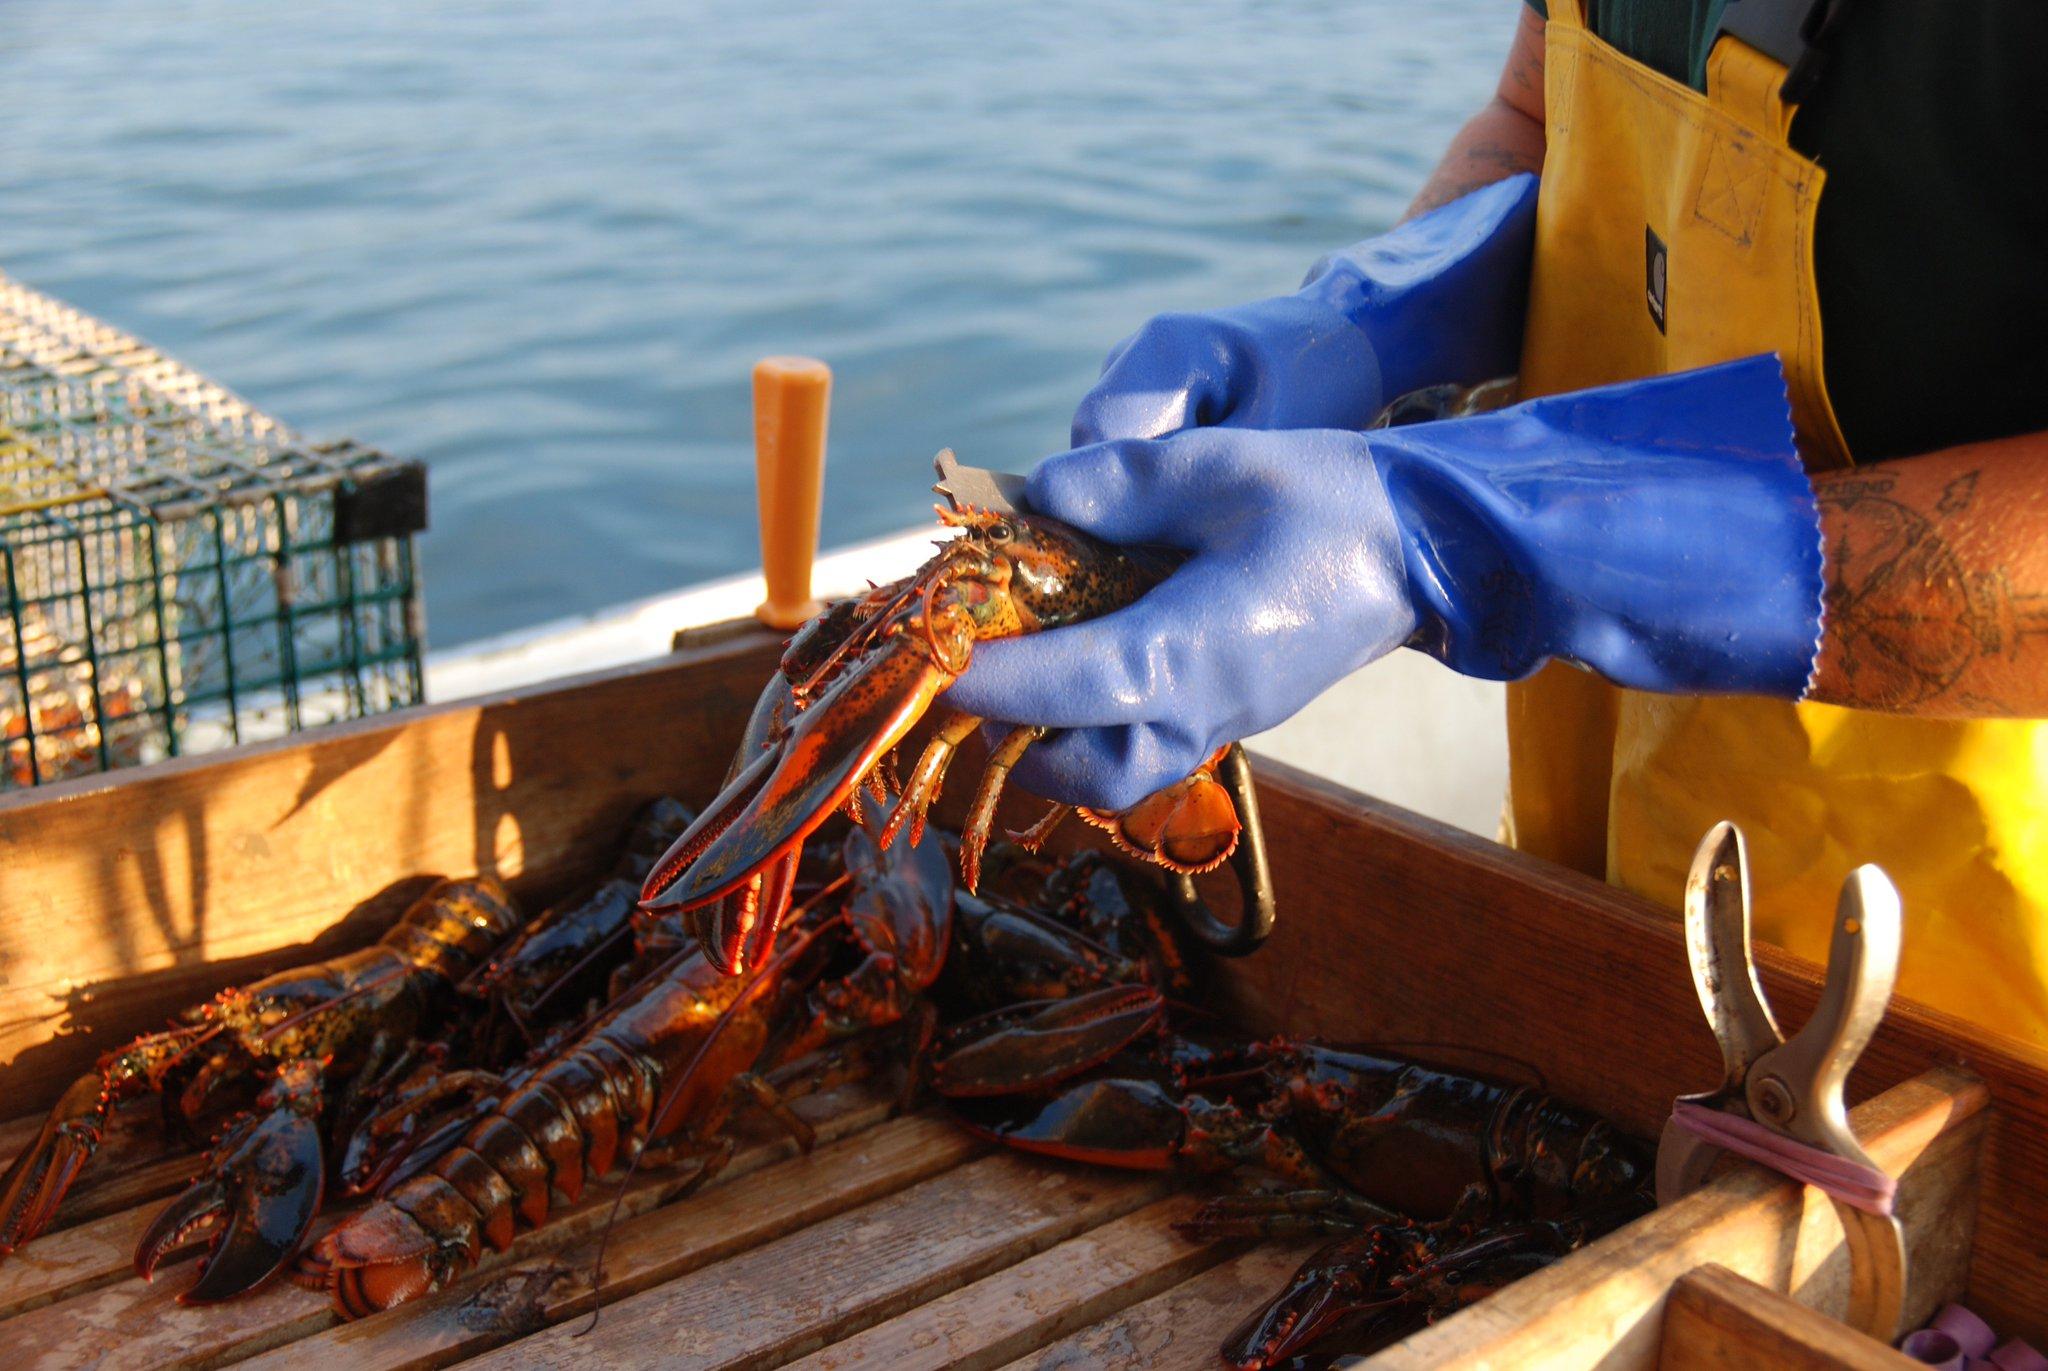 Lobster lovers rejoice! Maine Lobster Festival begins https://t.co/v95RYad93F https://t.co/WITPtn9qIJ